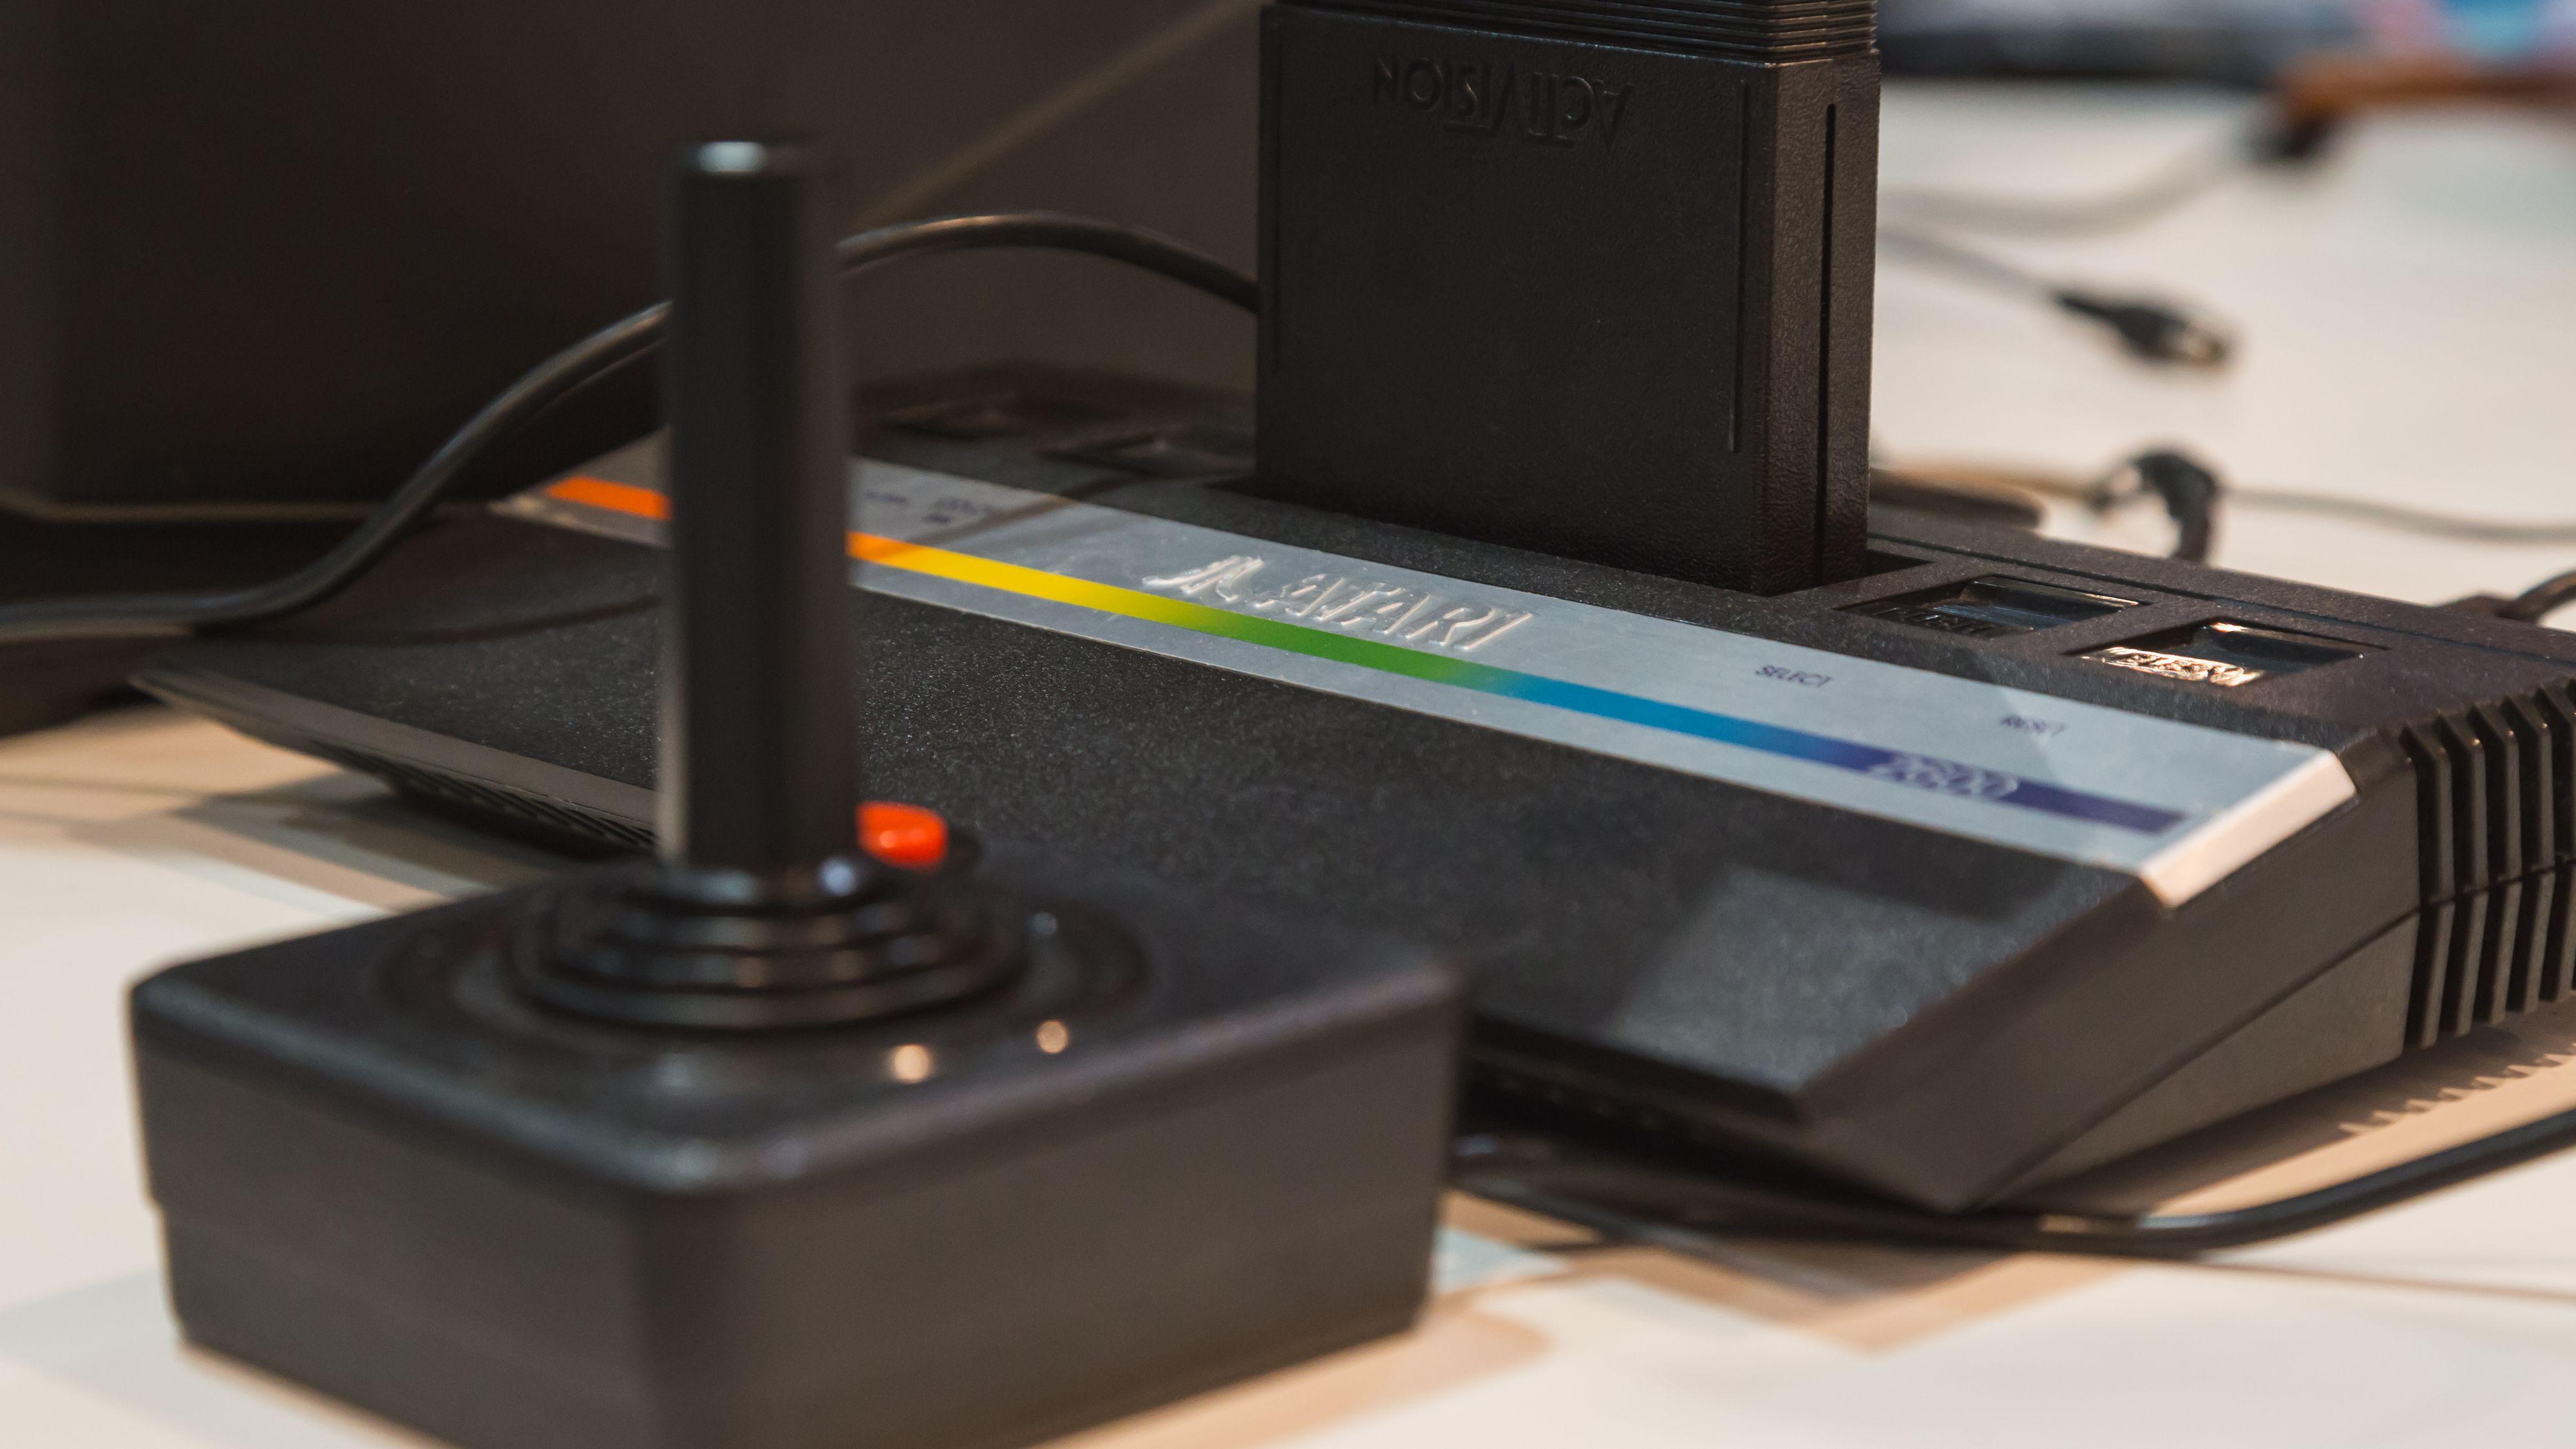 Husker du Atari? Nå skal de begynne å lage maskinvare igjen